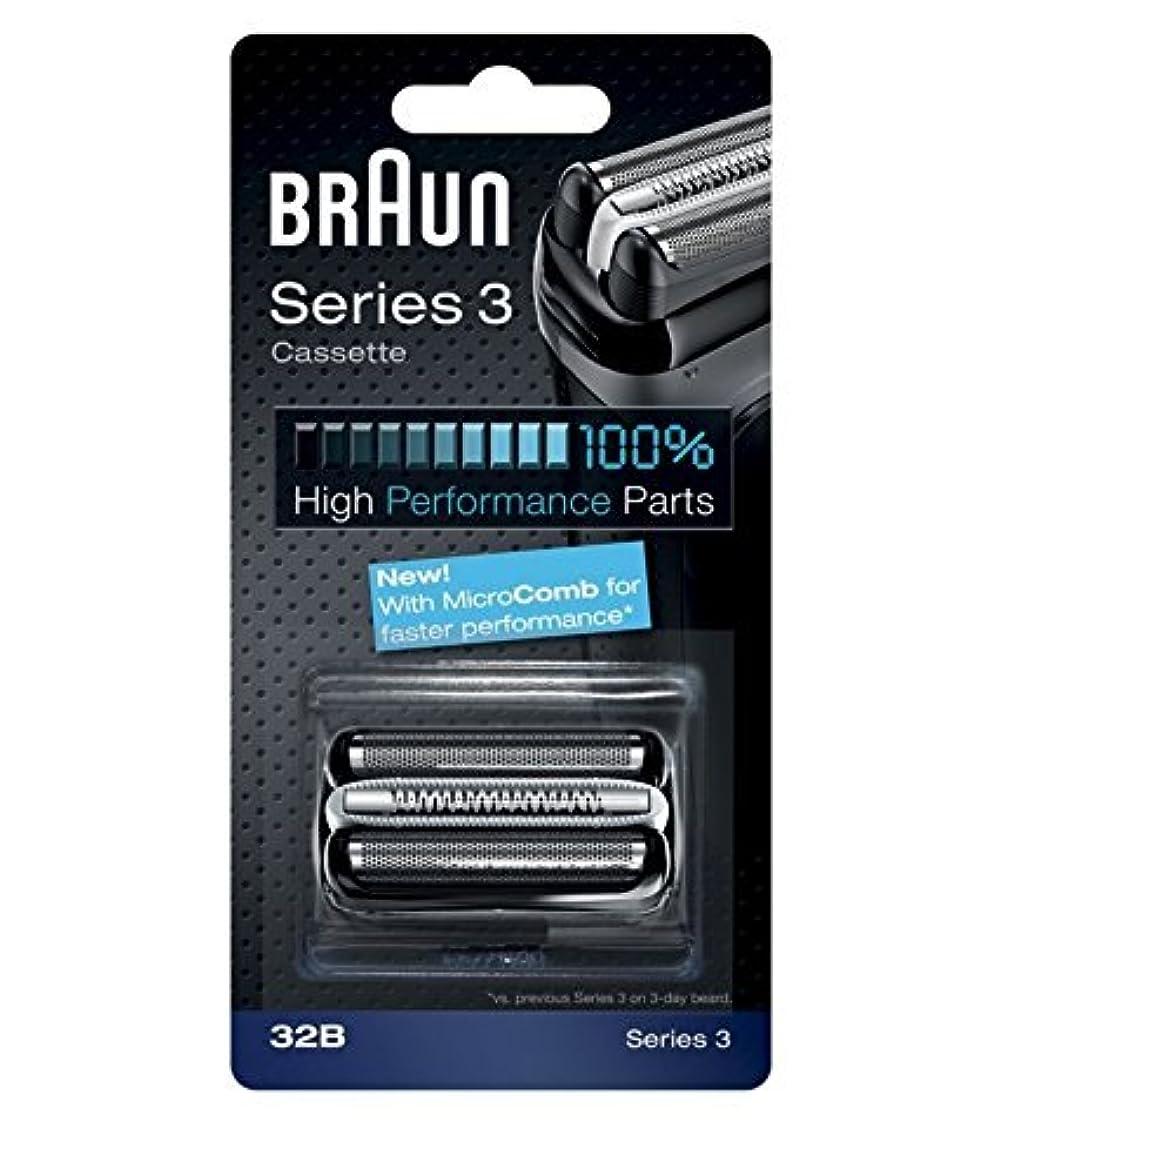 エレガントオーガニックミッションBraun razor Replacement Foil & Cutter Cassette 32B Series 3 320 330 340 350CC black shaving heads [並行輸入品]